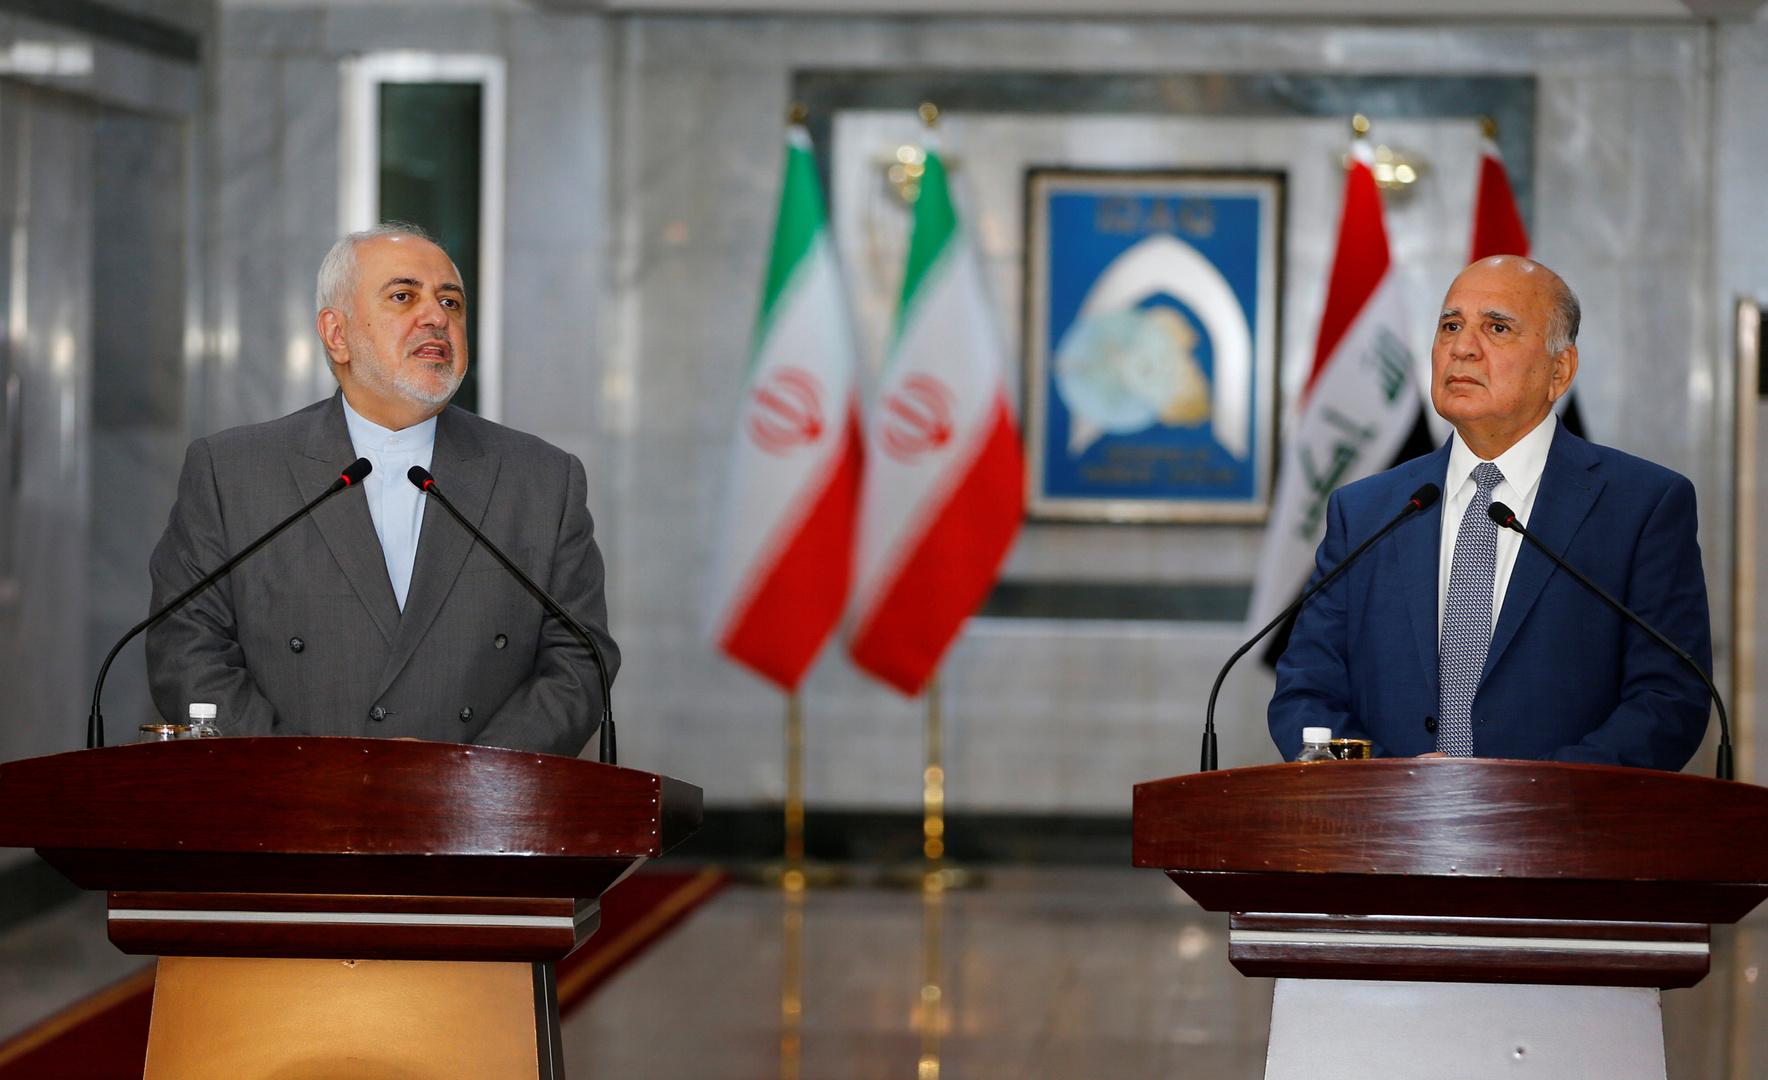 وزير خارجية العراق: لن نسمح باستغلال التطورات الأخيرة لتخريب علاقاتنا مع إيران